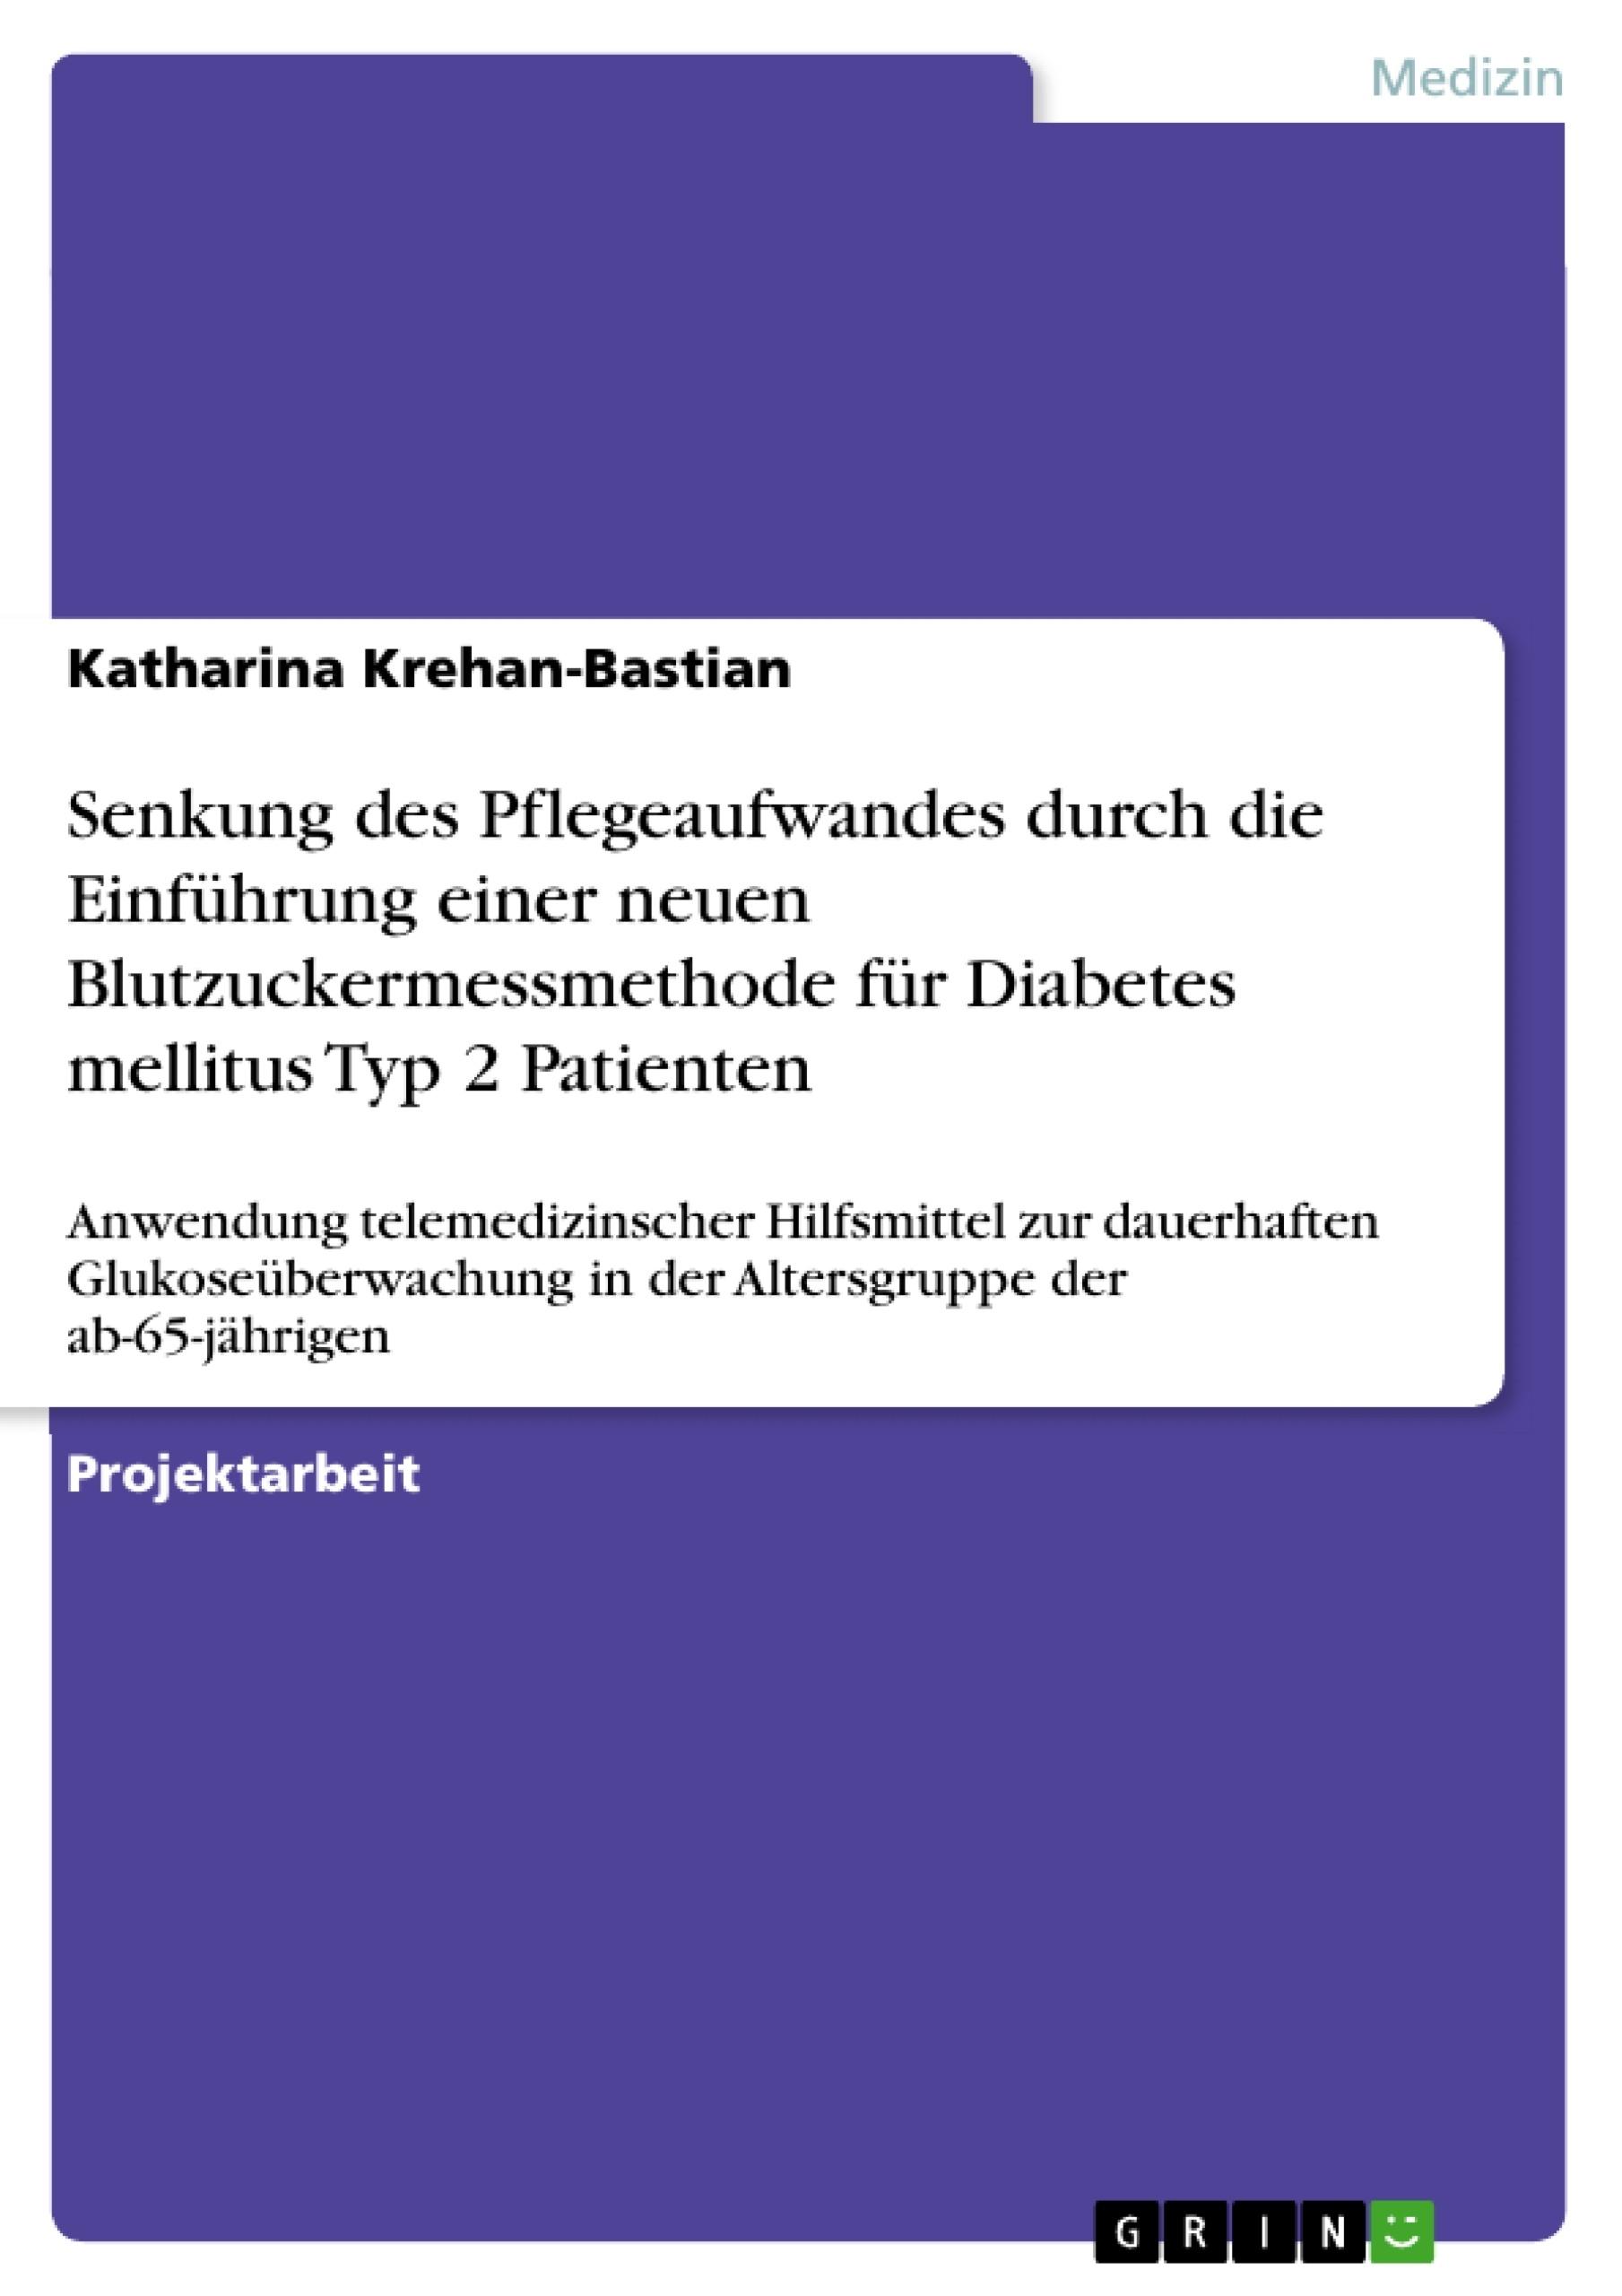 Titel: Senkung des Pflegeaufwandes durch die Einführung einer neuen Blutzuckermessmethode für Diabetes mellitus Typ 2 Patienten